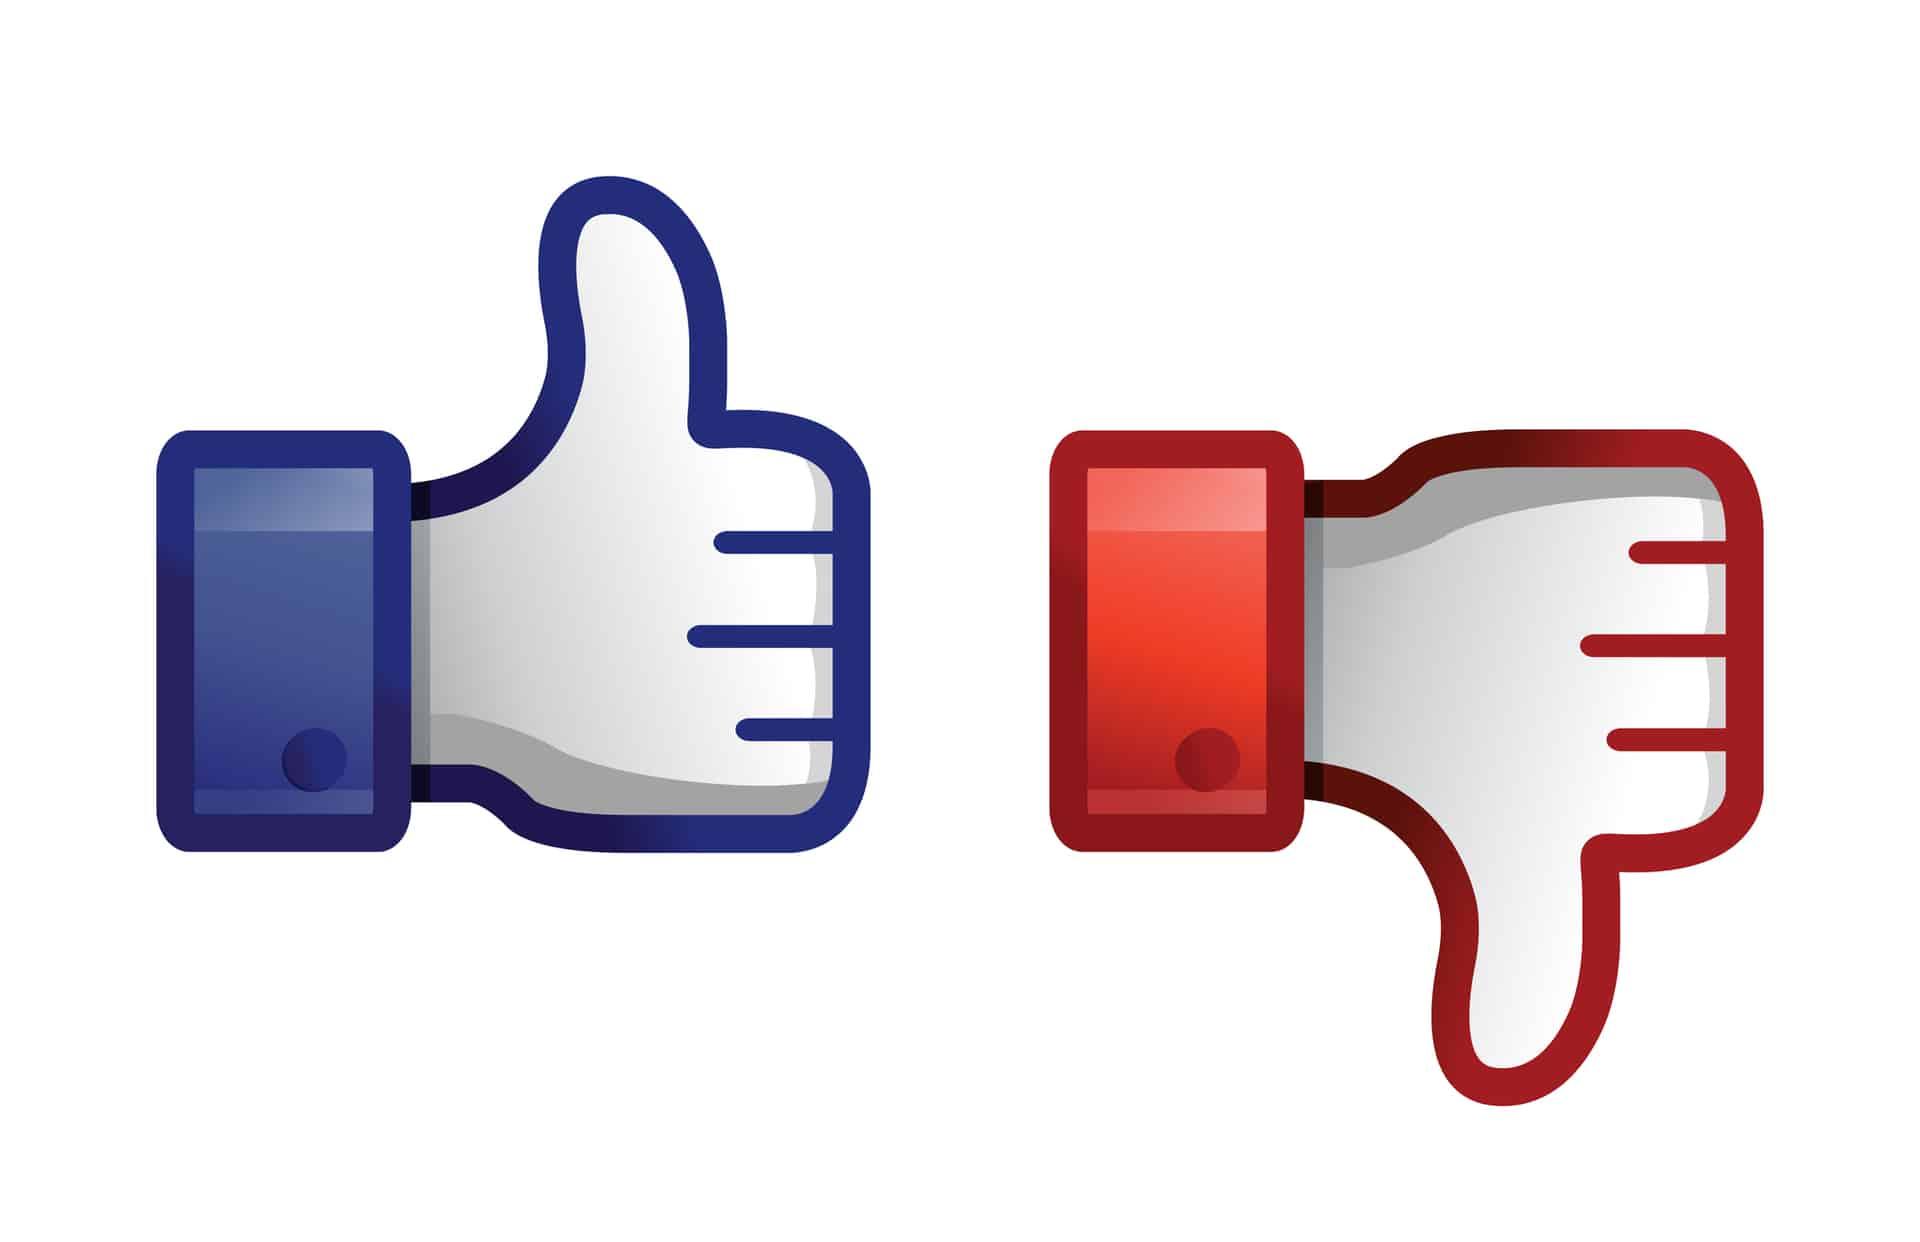 nhung-tu-ngu-cam-quang-cao-tren-facebook-1